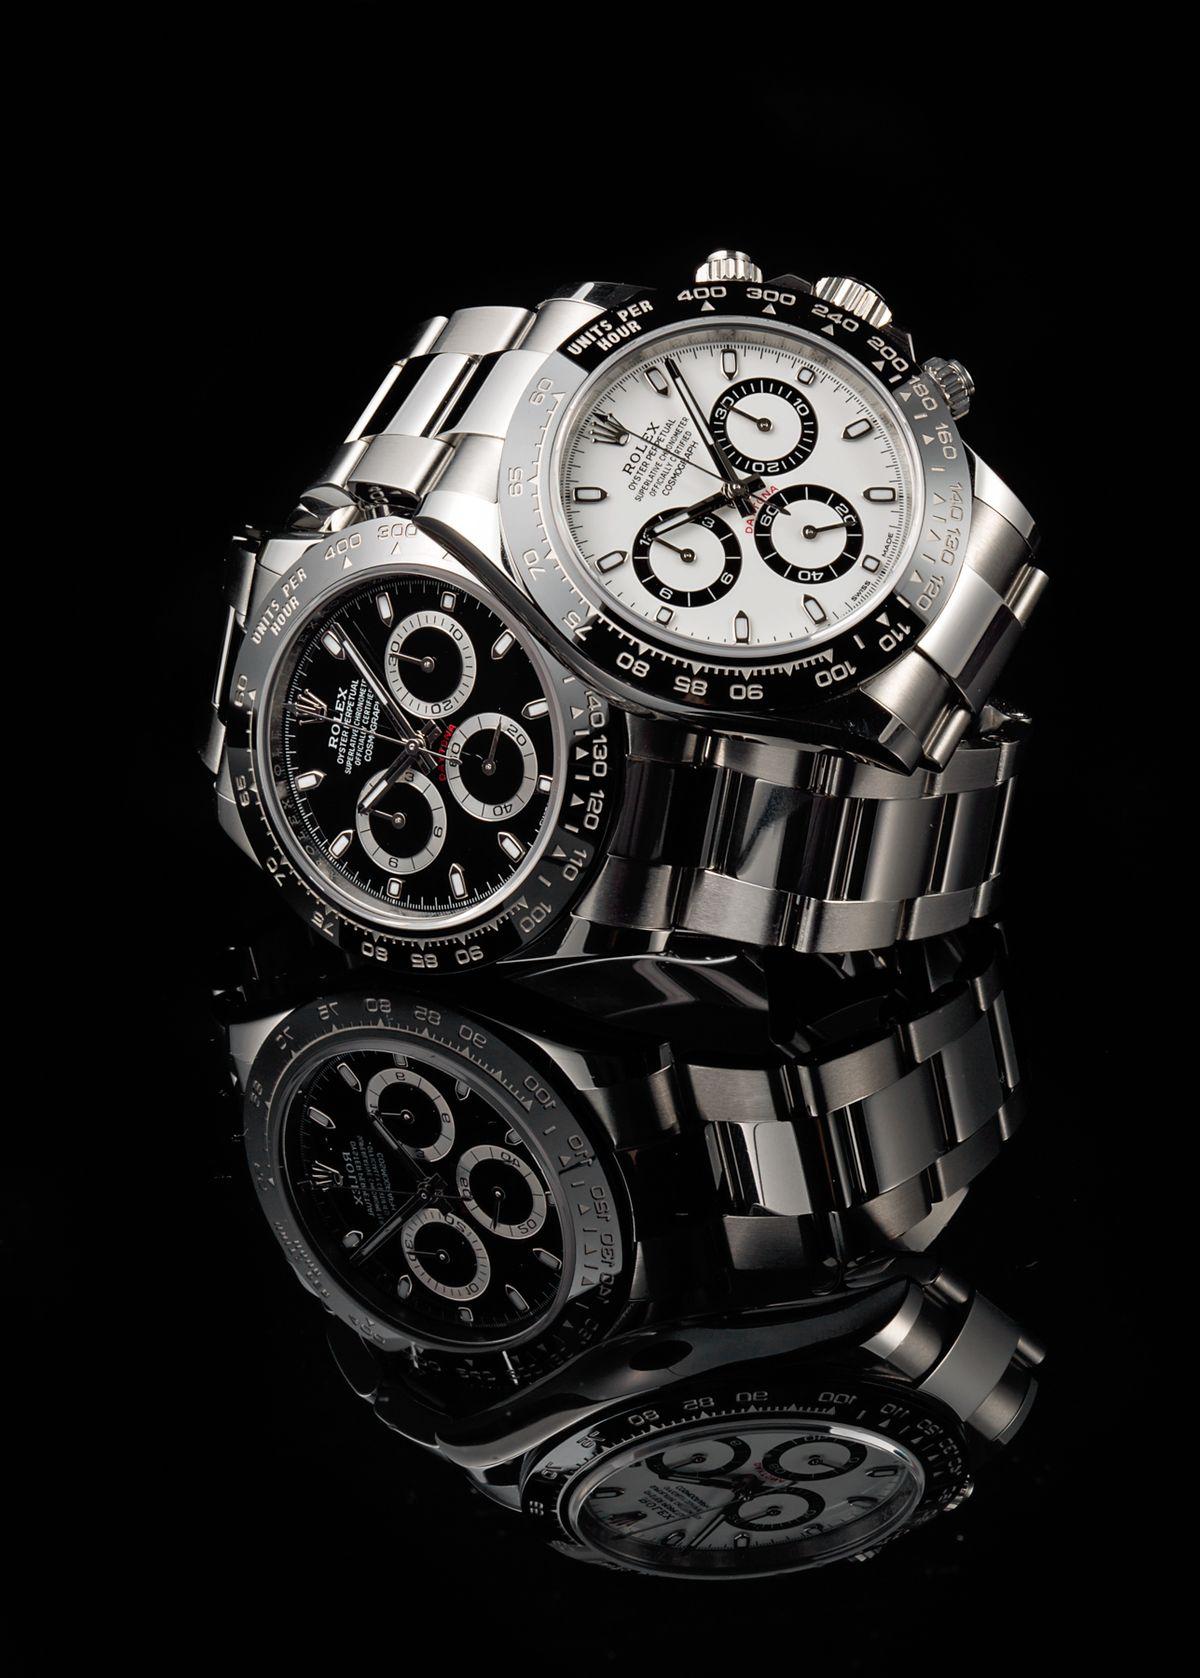 Rolex Shortage - stainless steel Daytona watches